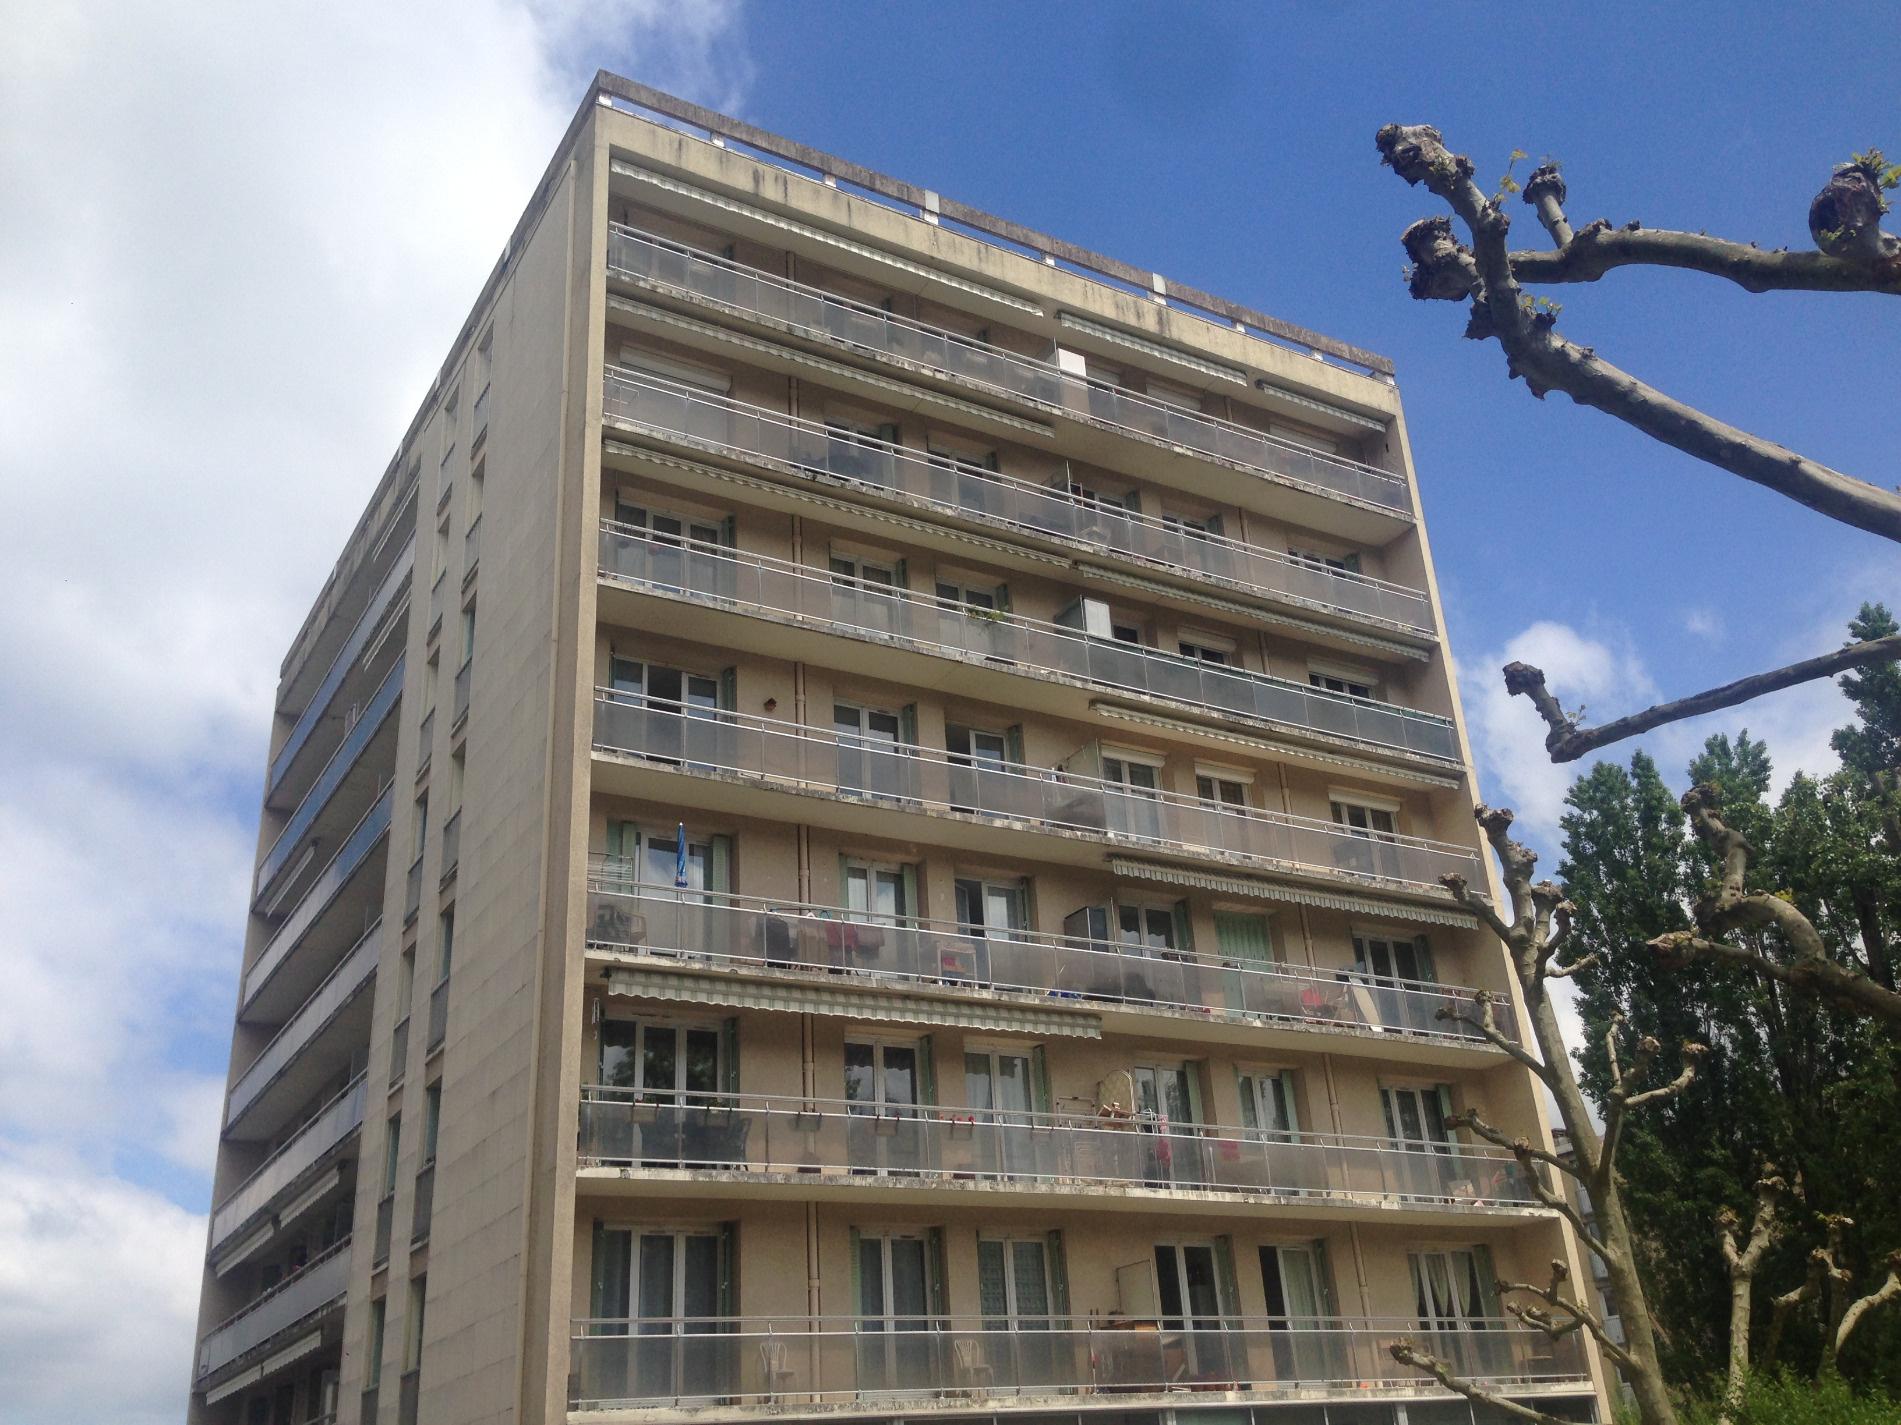 Vente bourgoin commerce au pied de l 39 appartement - Chambre de commerce villefontaine ...